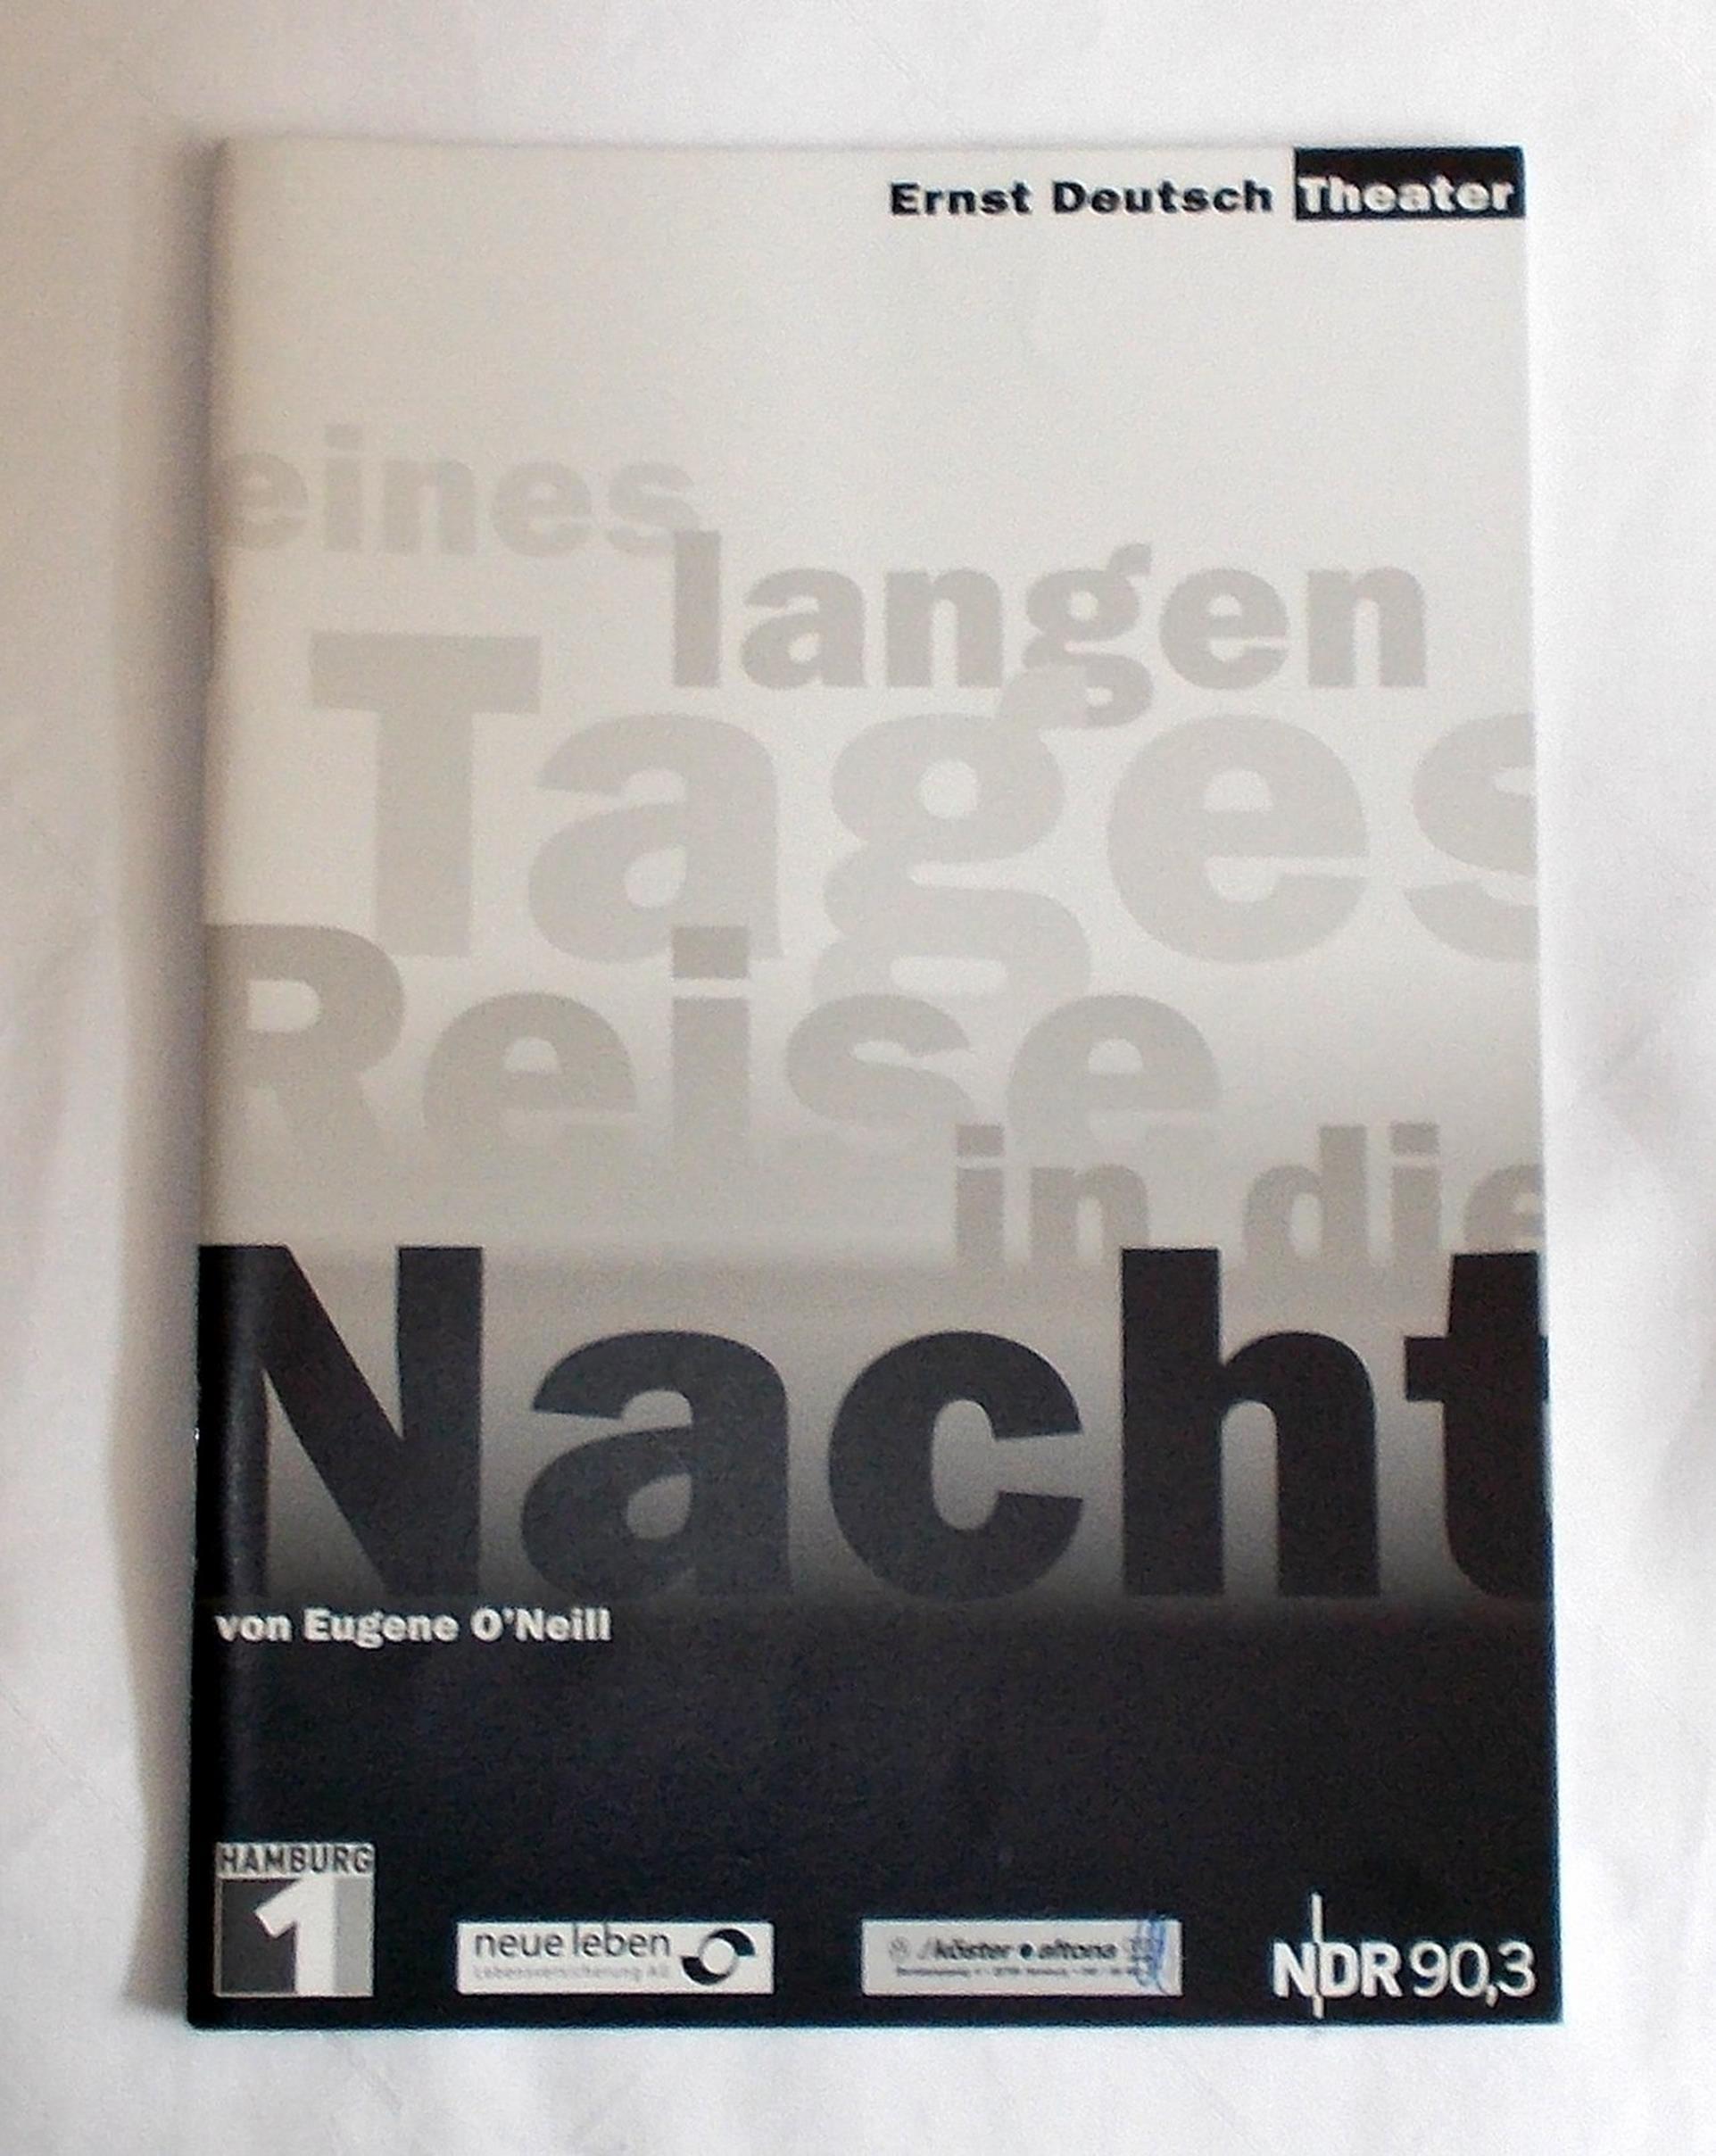 Programmheft Eines langen Tages Reise in die Nacht Ernst Deutsch Theater 2003